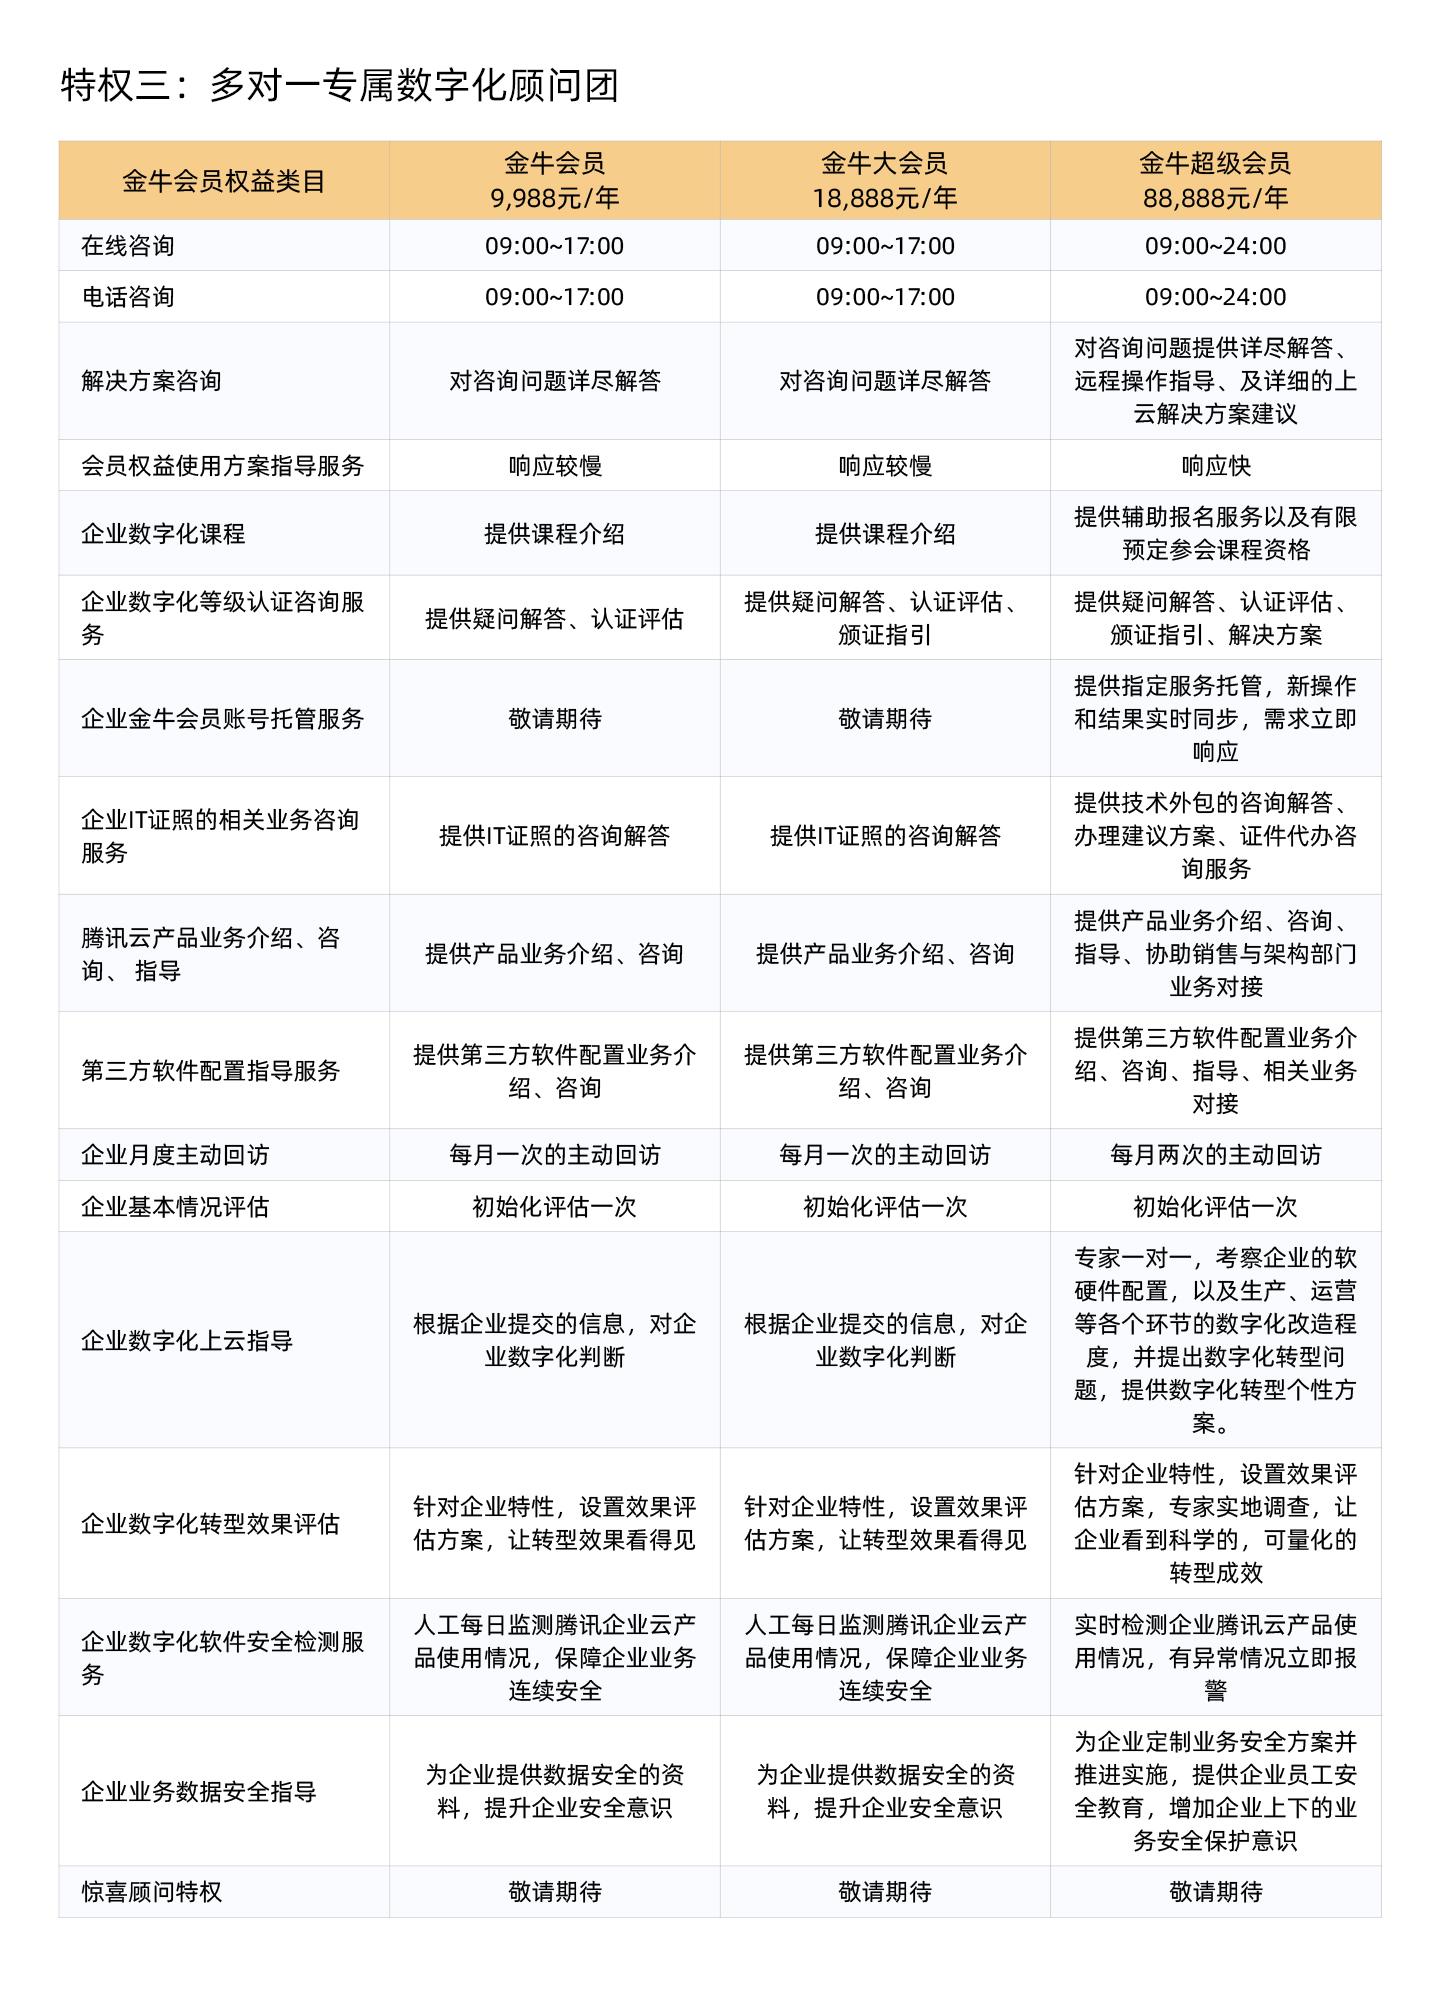 腾讯金牛企业会员-1440_03.jpg